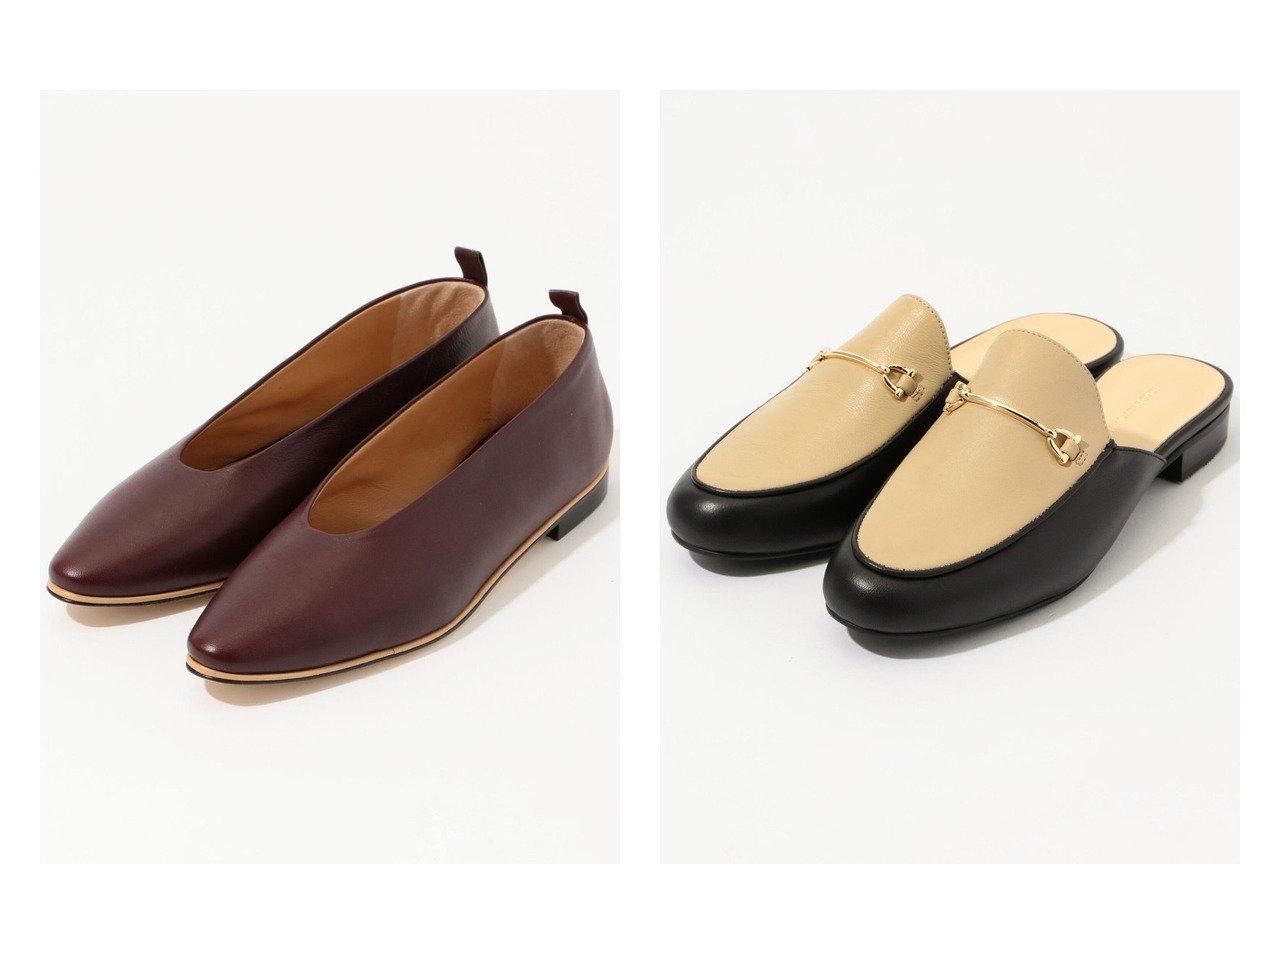 【TOMORROWLAND GOODs/トゥモローランド グッズ】のTOMORROWLAND アーモンドトゥーフラットシューズ&TOMORROWLAND ローファースリッポン シューズ・靴のおすすめ!人気、トレンド・レディースファッションの通販 おすすめで人気の流行・トレンド、ファッションの通販商品 メンズファッション・キッズファッション・インテリア・家具・レディースファッション・服の通販 founy(ファニー) https://founy.com/ ファッション Fashion レディースファッション WOMEN NEW・新作・新着・新入荷 New Arrivals シューズ シンプル フラット |ID:crp329100000009780